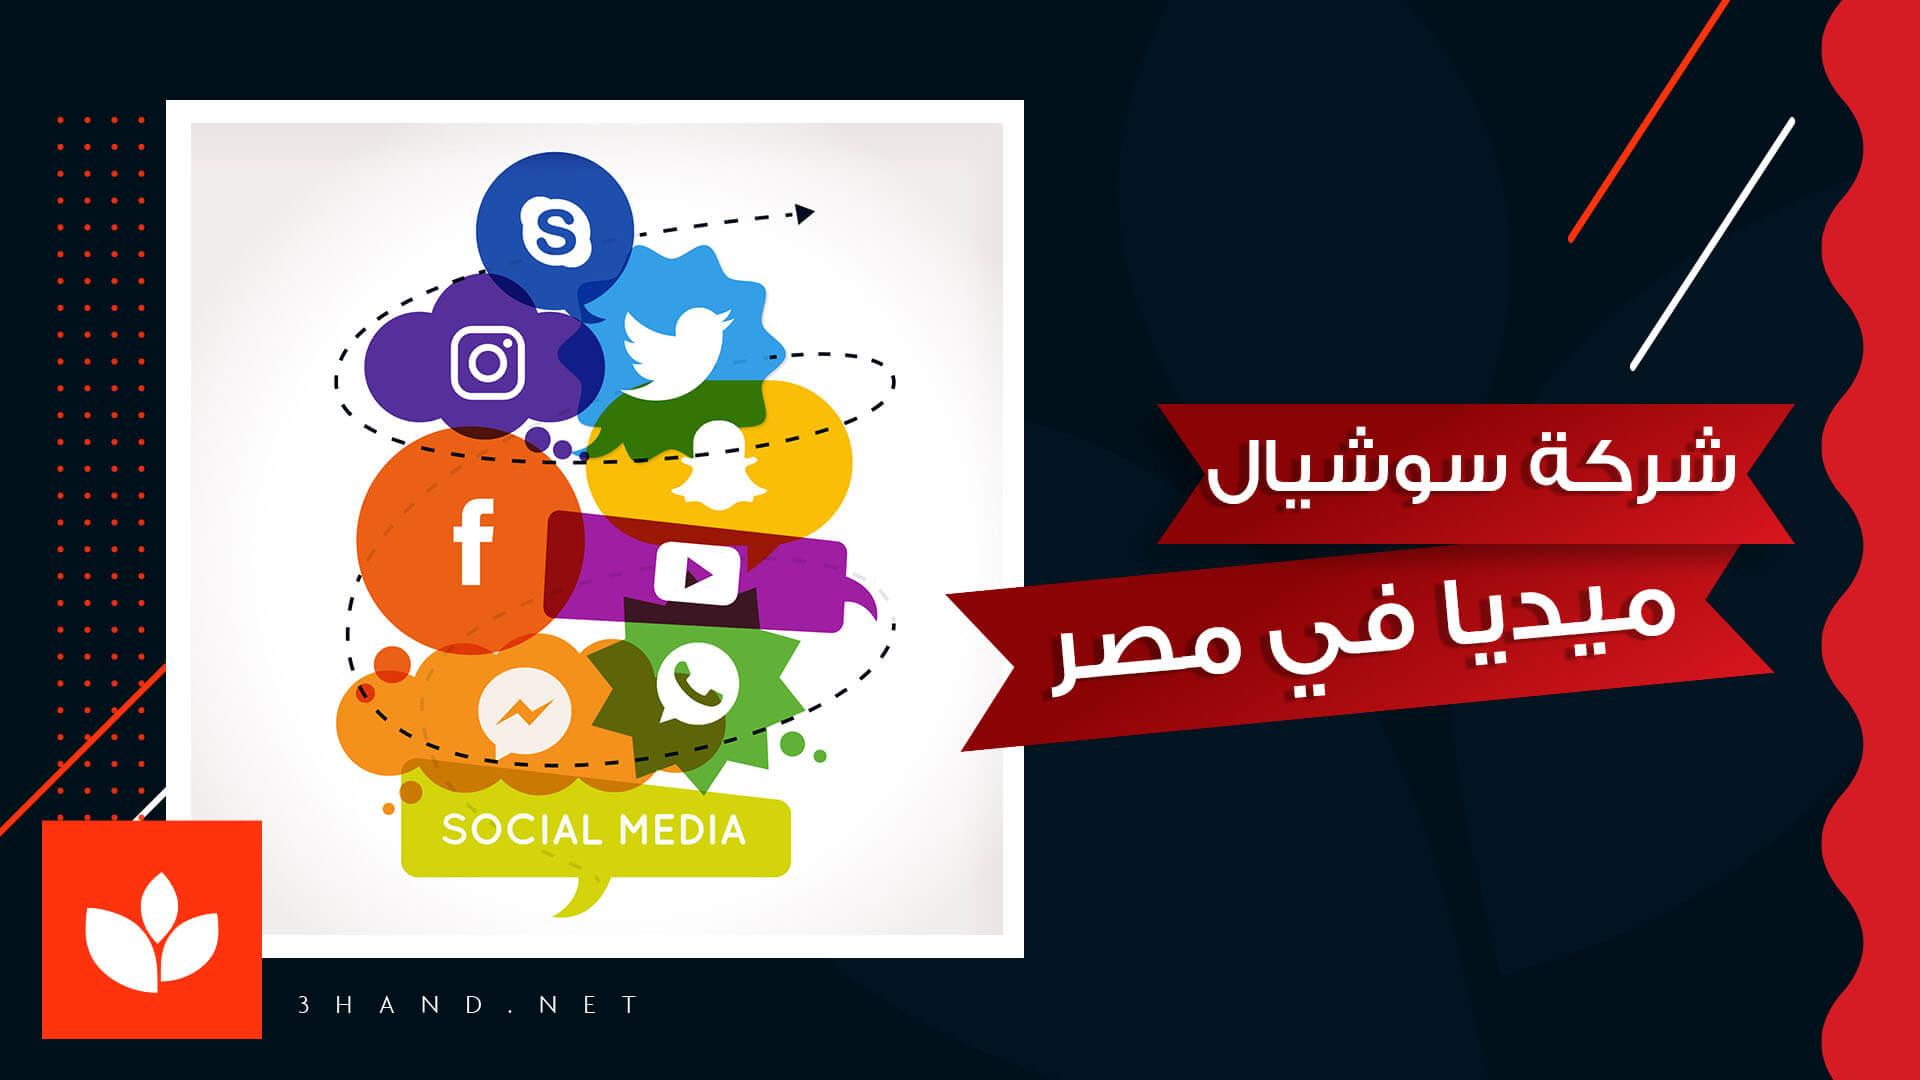 شركة سوشيال ميديا في مصر